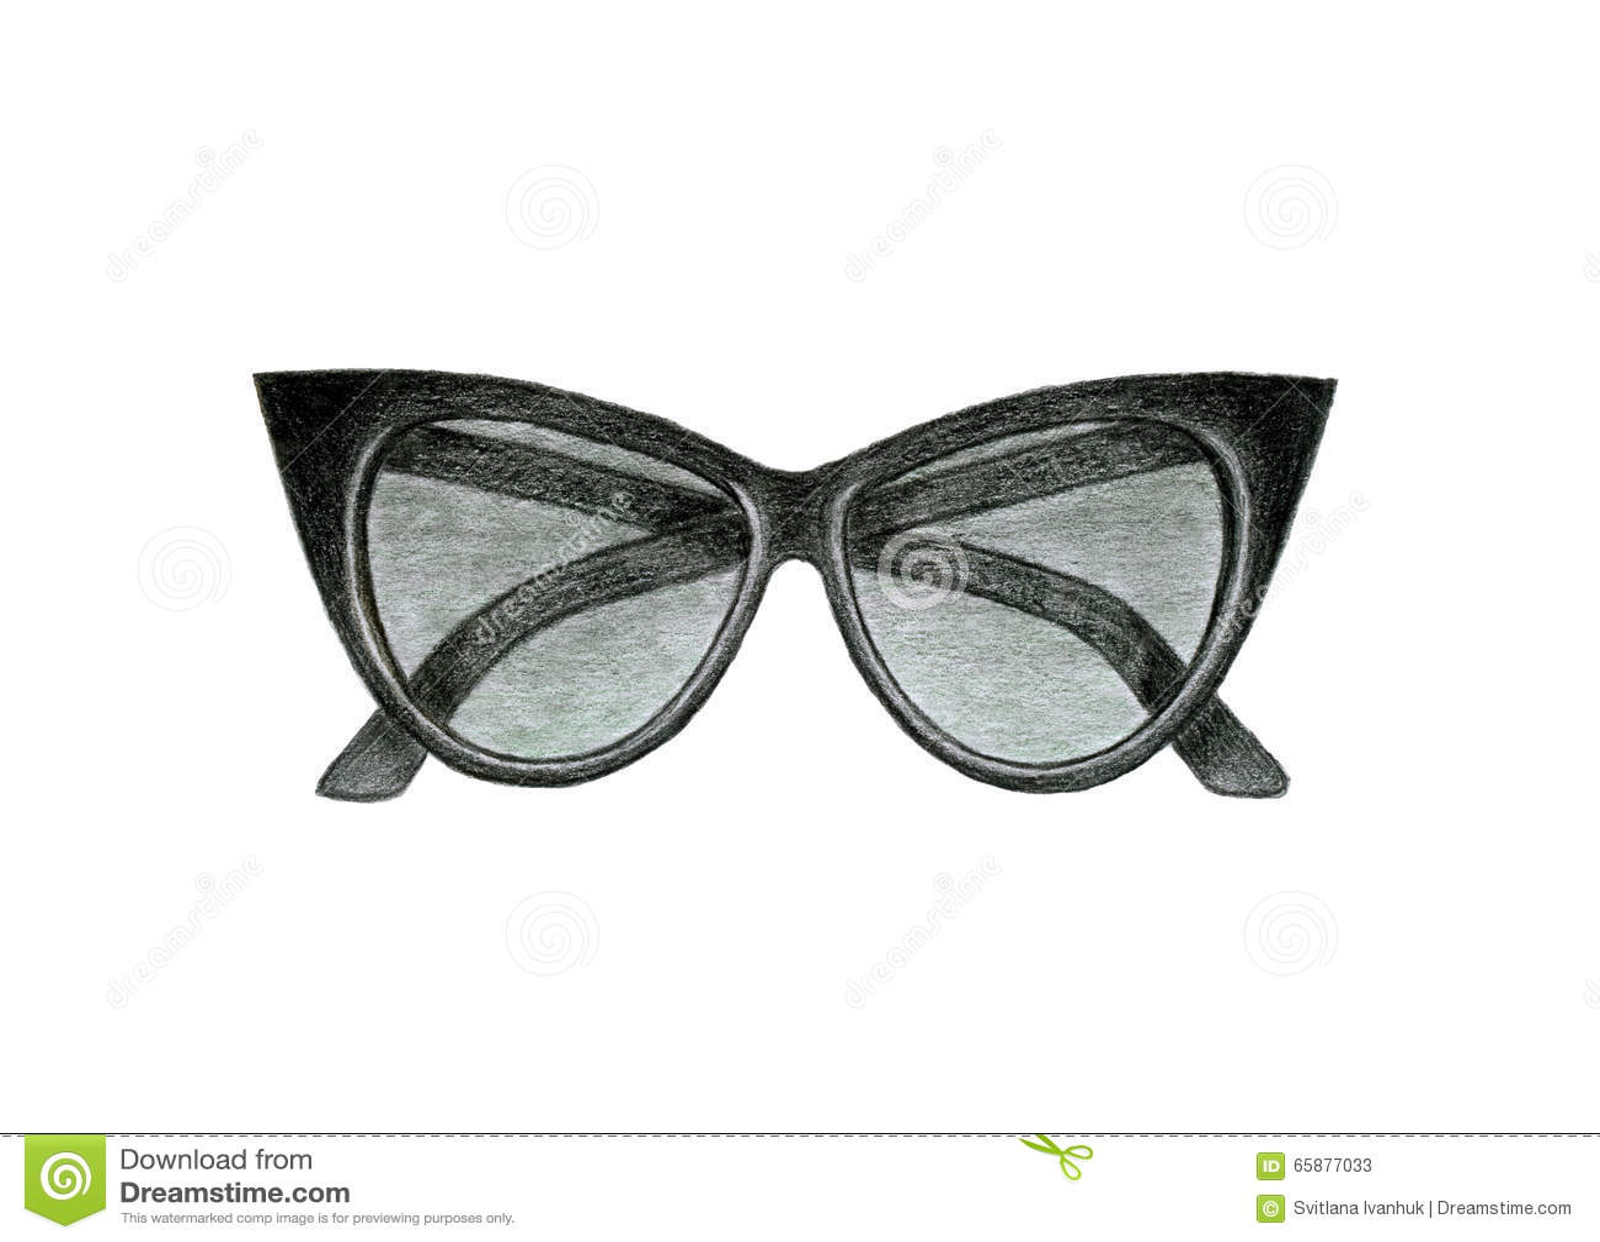 df5faf2ff2 Imagen Mujeres Gafas Las De Negro Archivo Sol cL4S3Rq5Aj